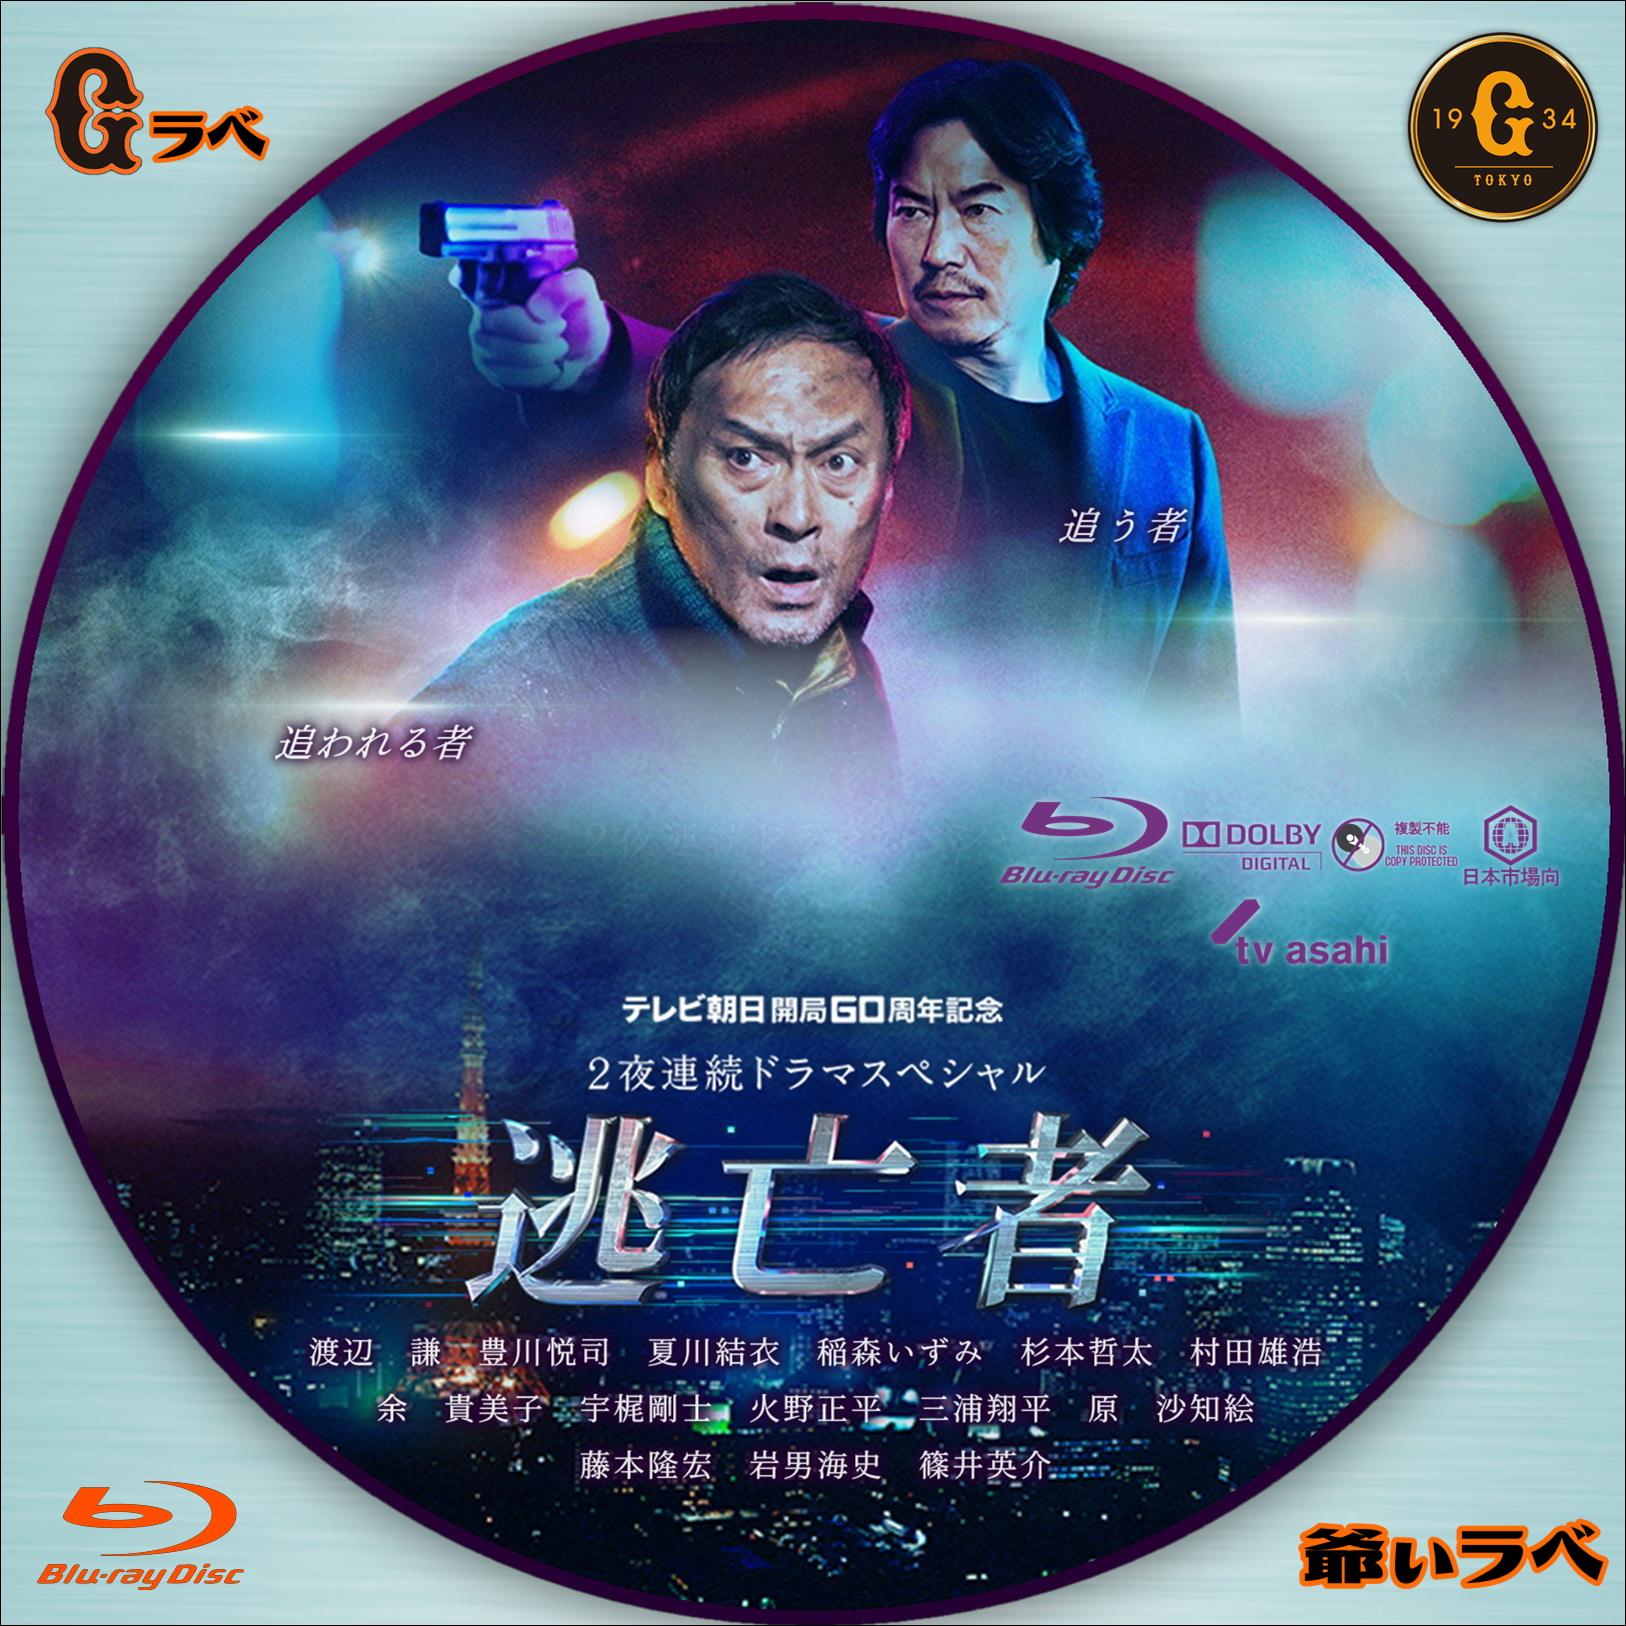 逃亡者(Blu-ray)